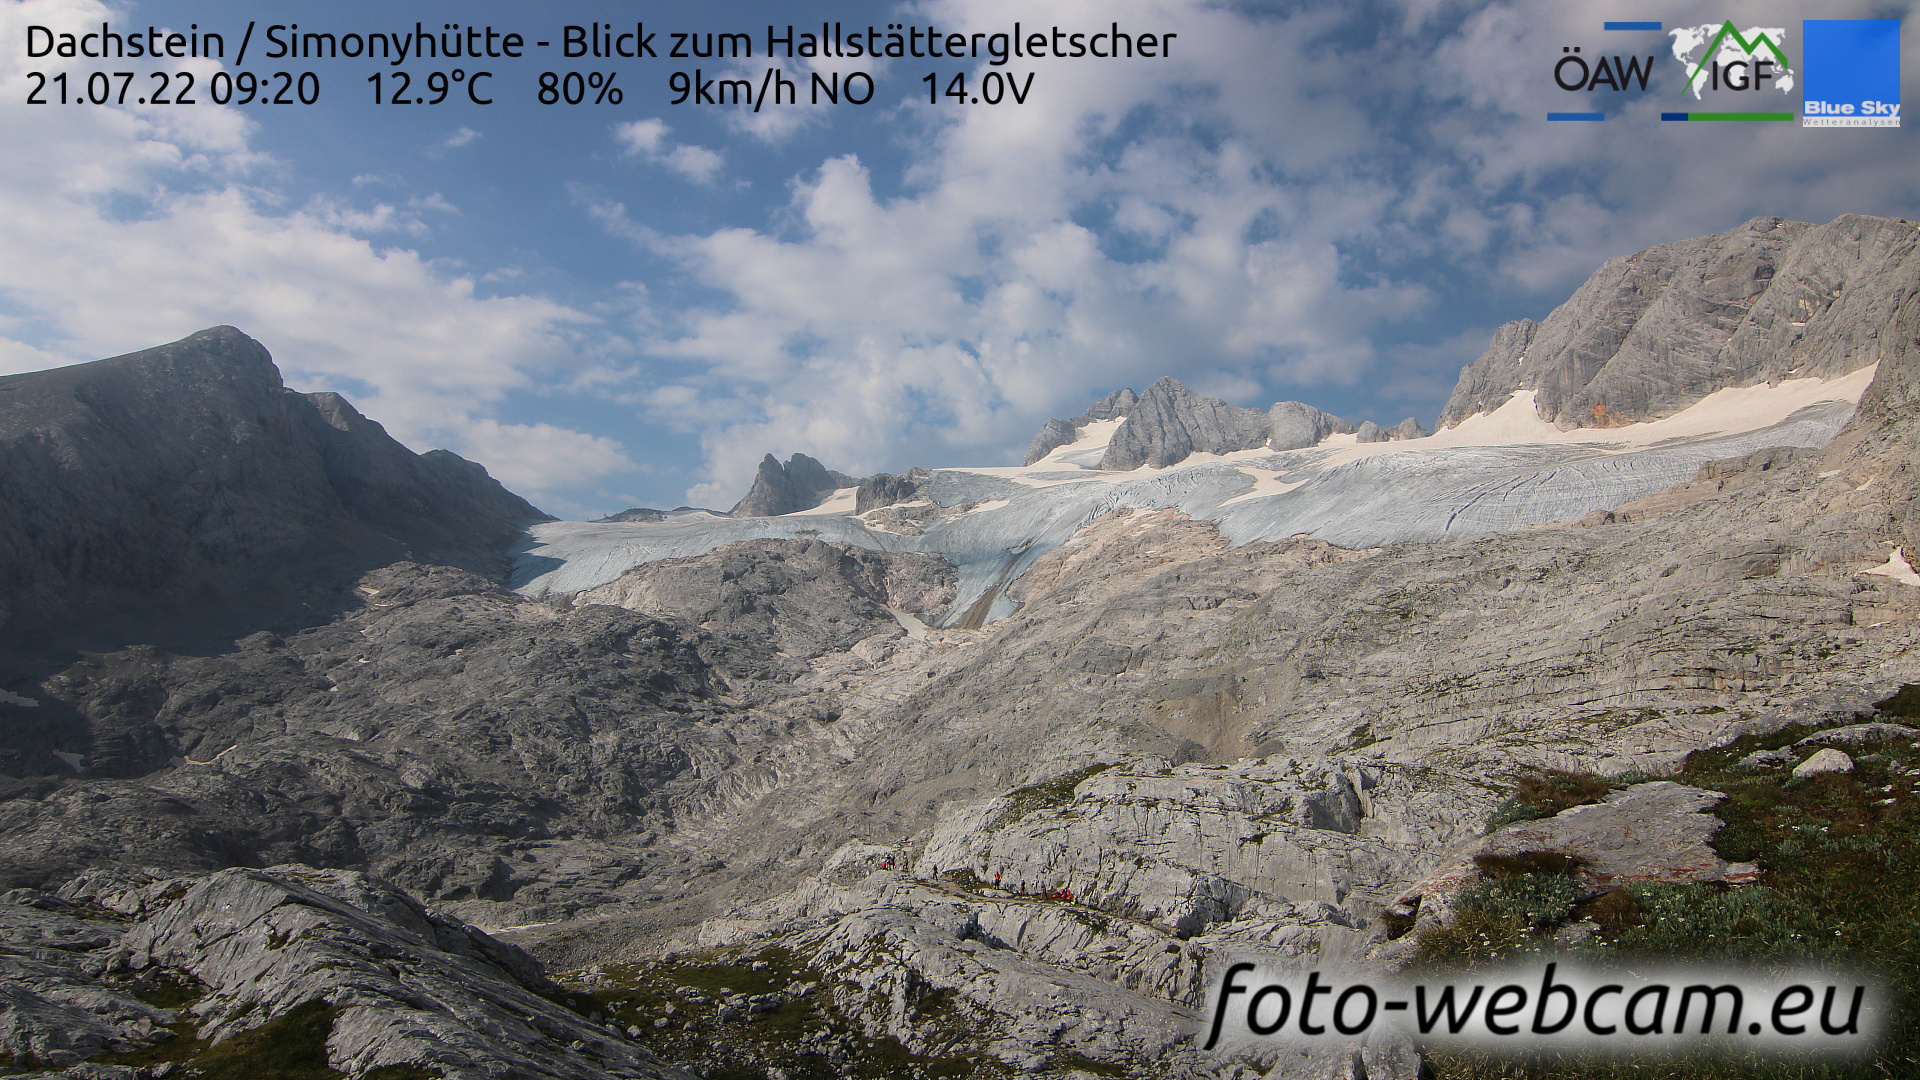 Hallstatt Wed. 09:32